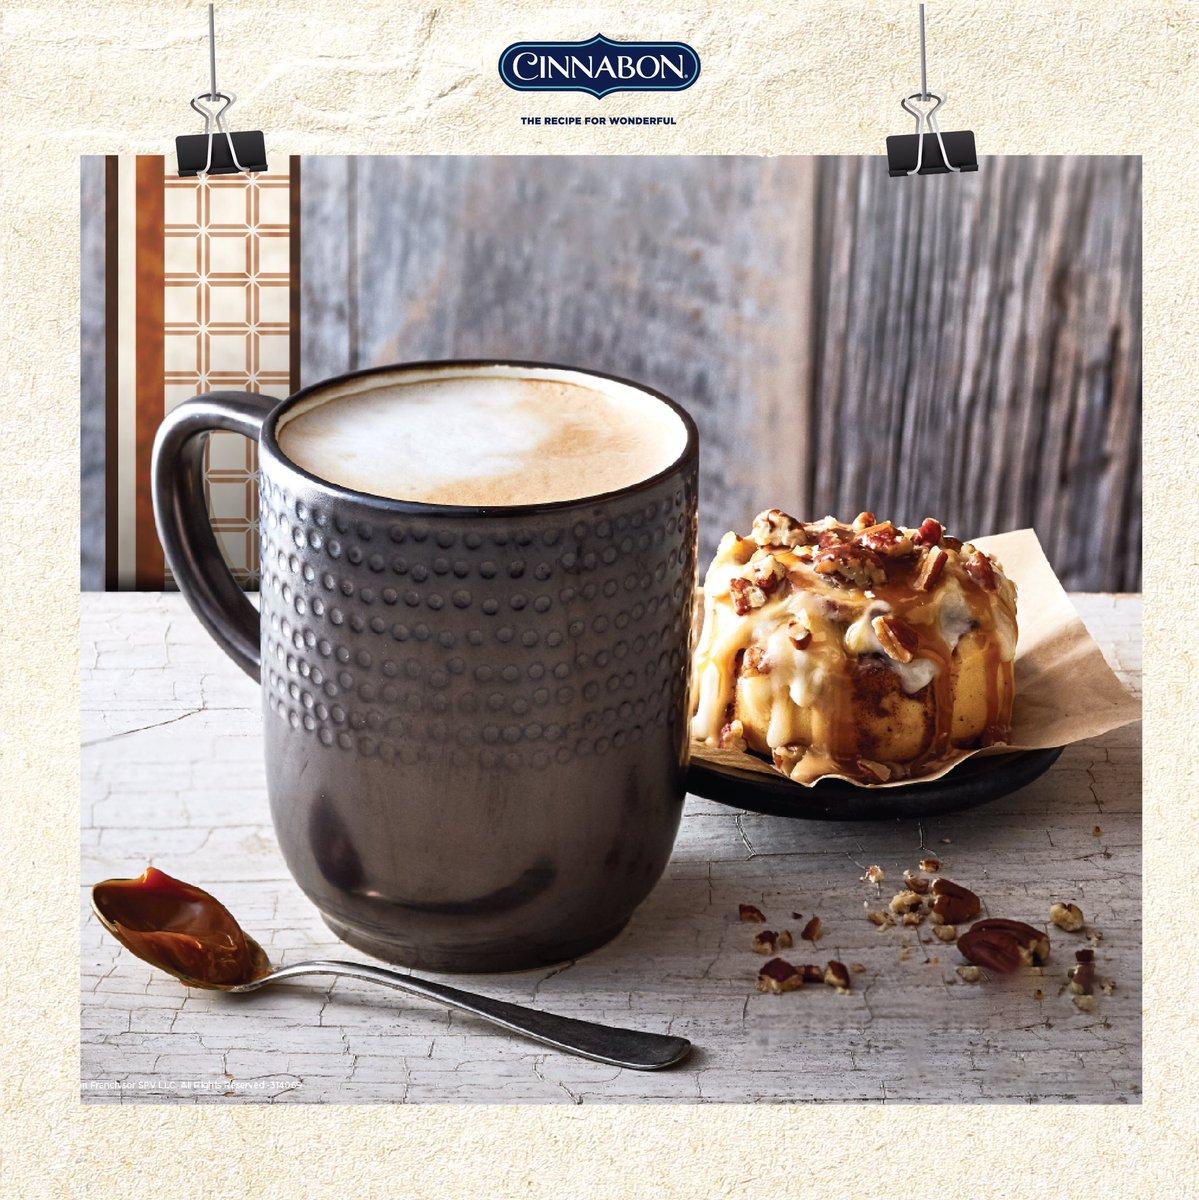 🥳نكهاتنا الجديدة صج لا تقاااوم! دولتشي  . . #سينابون #الكويت #لذاذة #حلويات #قهوة #cinnabon #bakery #dessert #sweet #kuwait #coffee